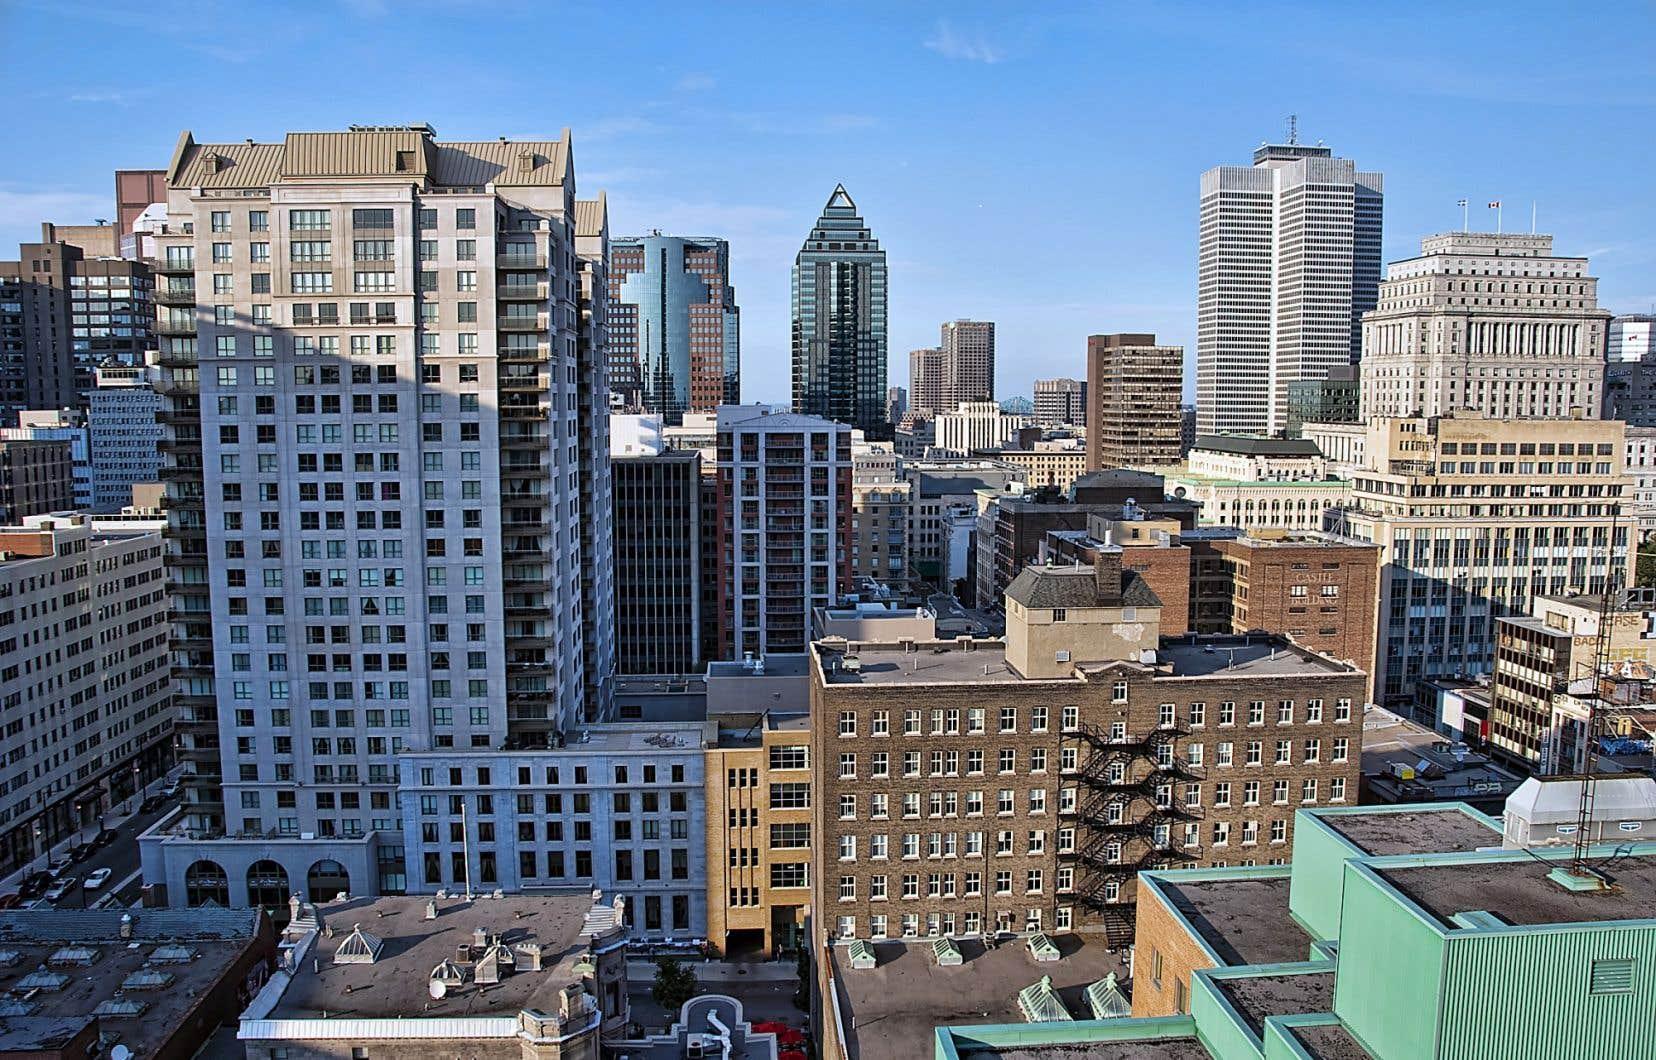 Plusieurs maires d'arrondissement estiment que la réforme annoncée par le maire Coderre aura des impacts concrets négatifs pour les Montréalais.